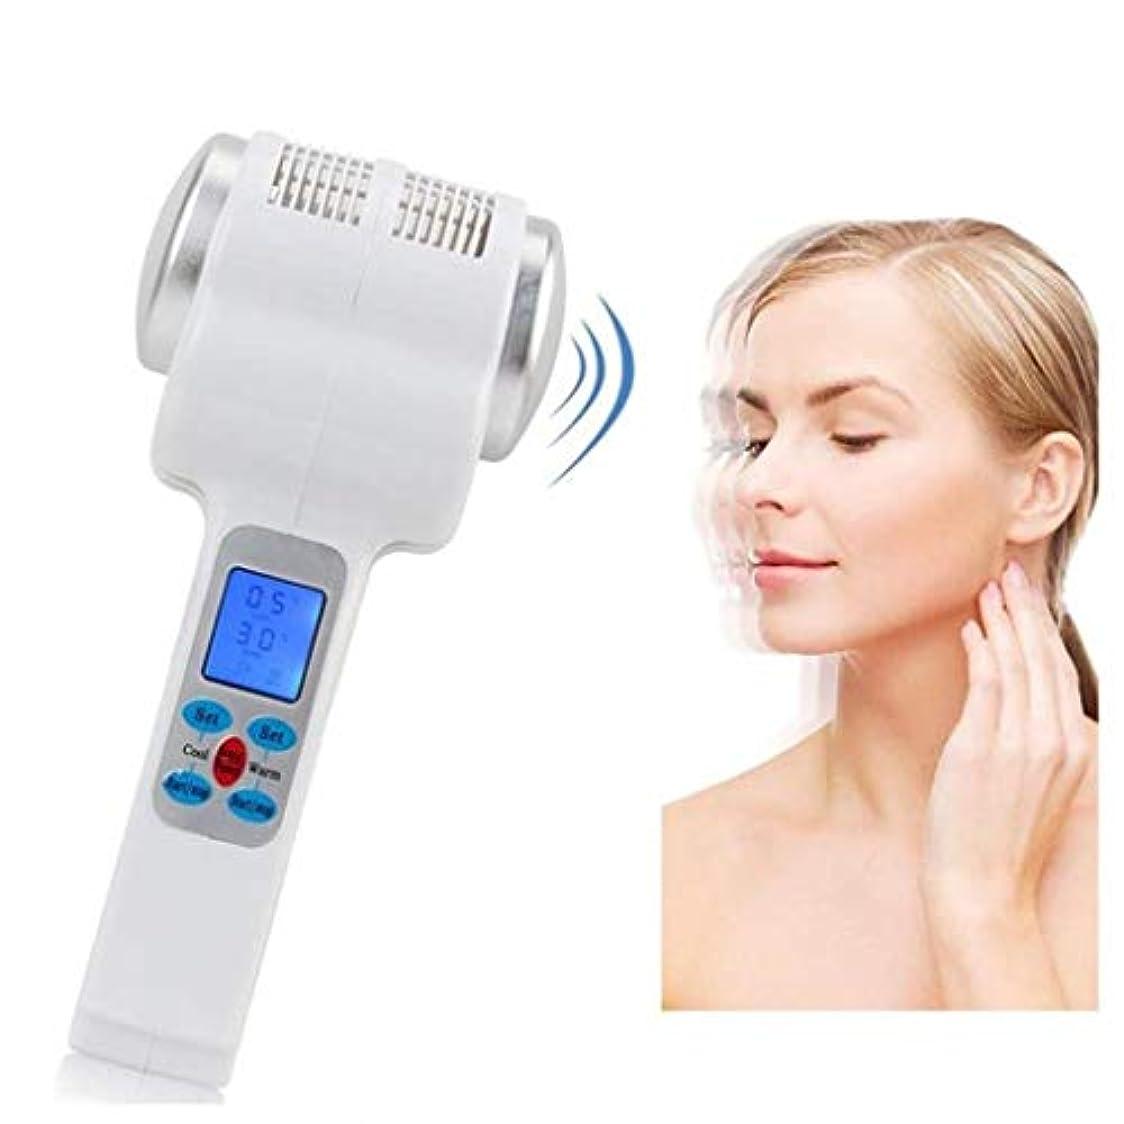 若者以来ディスパッチ美容器具、顔の振動マッサージ、ホット凍結療法、リフティングフェイシャルスキンビューティーマシン、肌を引き締めて細い線を改善する